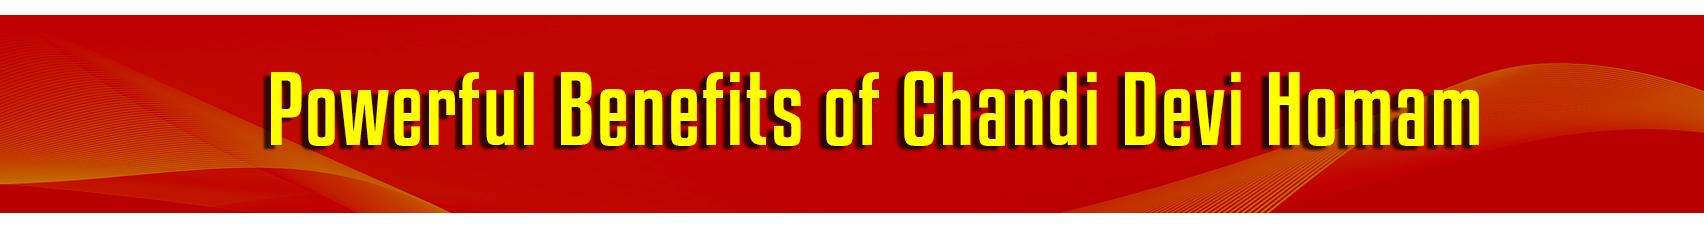 Chandi-Homam-Benefits